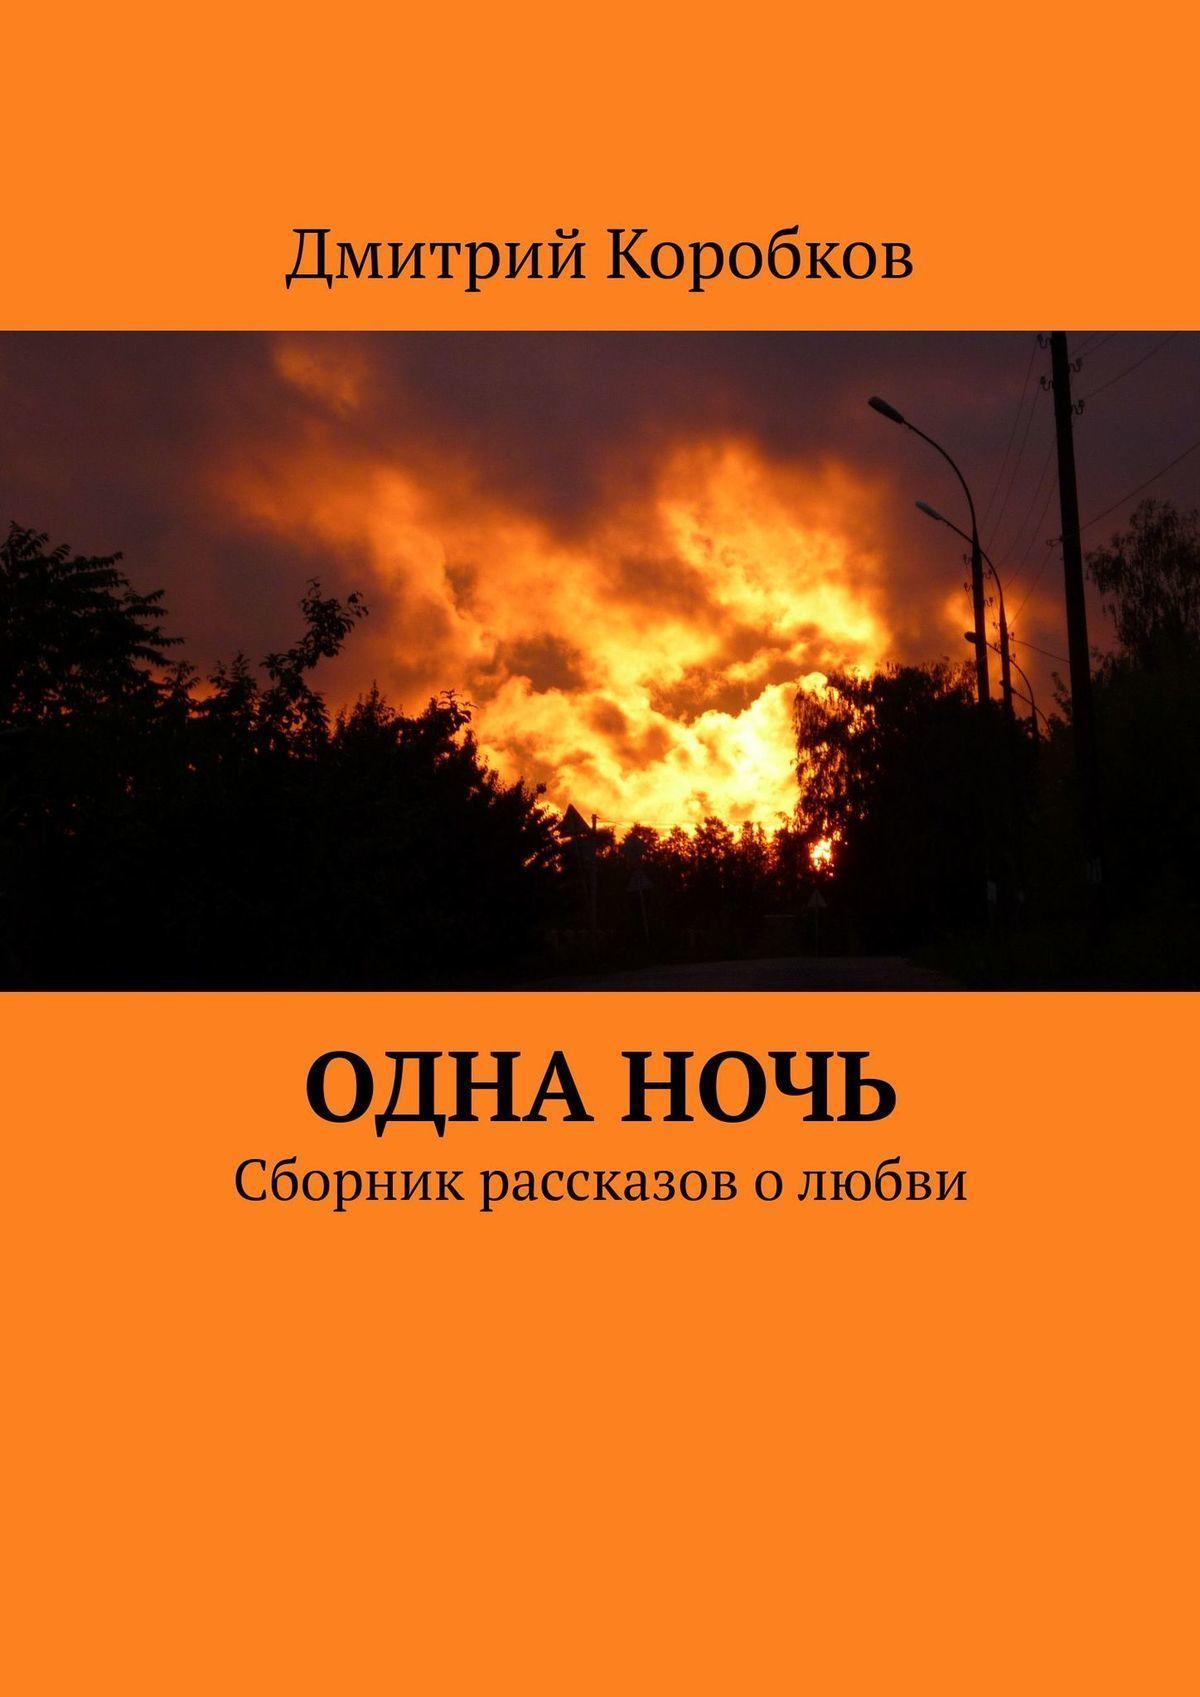 Дмитрий Коробков - Одна ночь. Сборник рассказов о любви